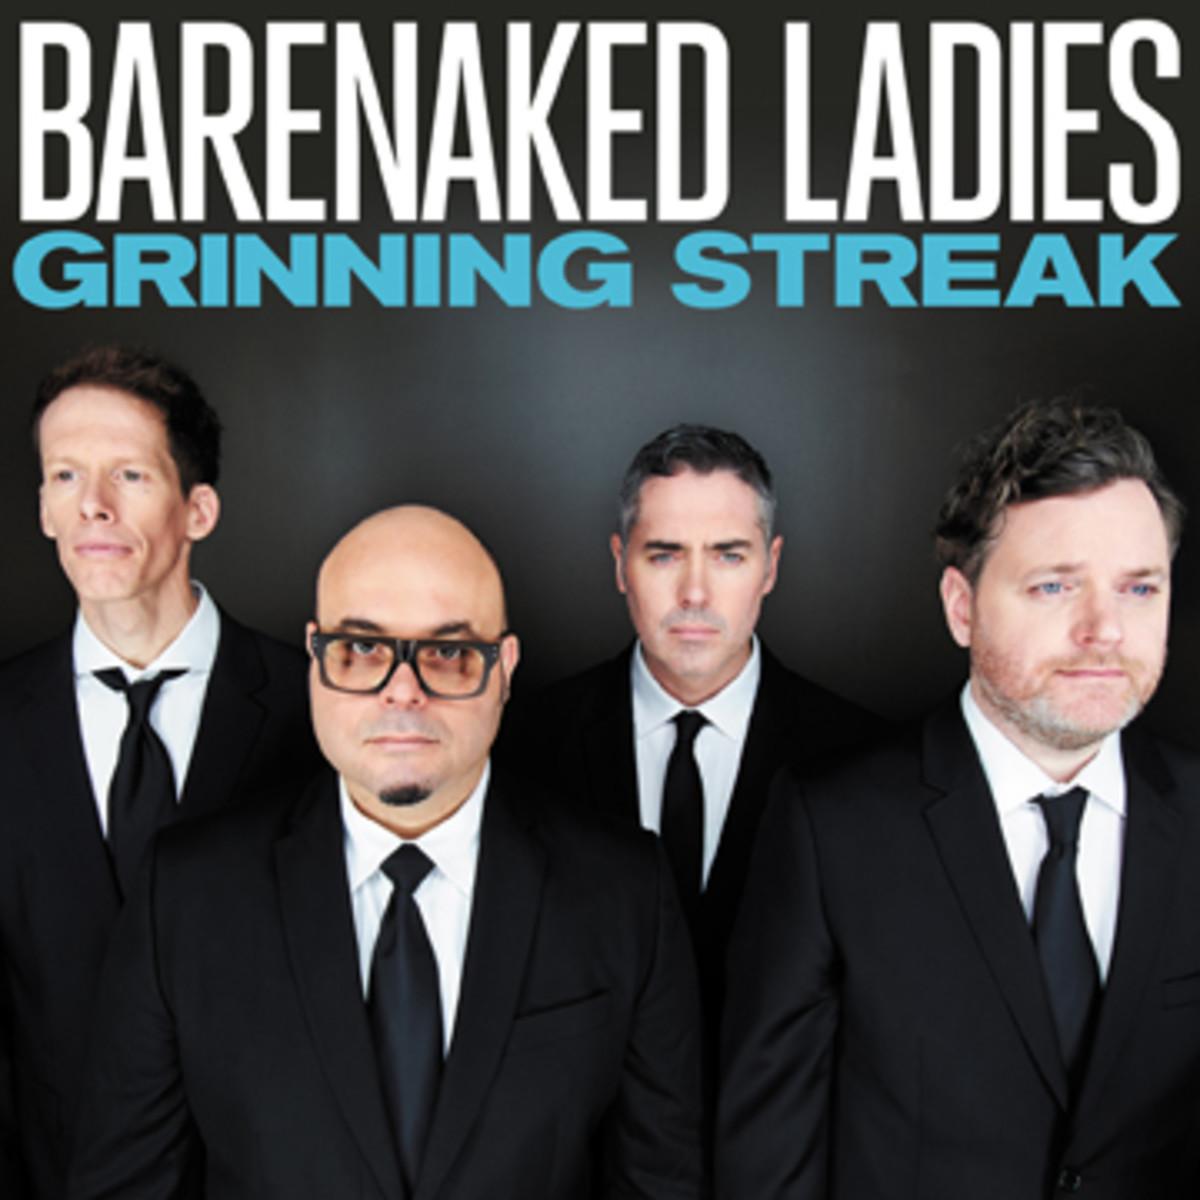 Barenaked Ladies Grinning Streak